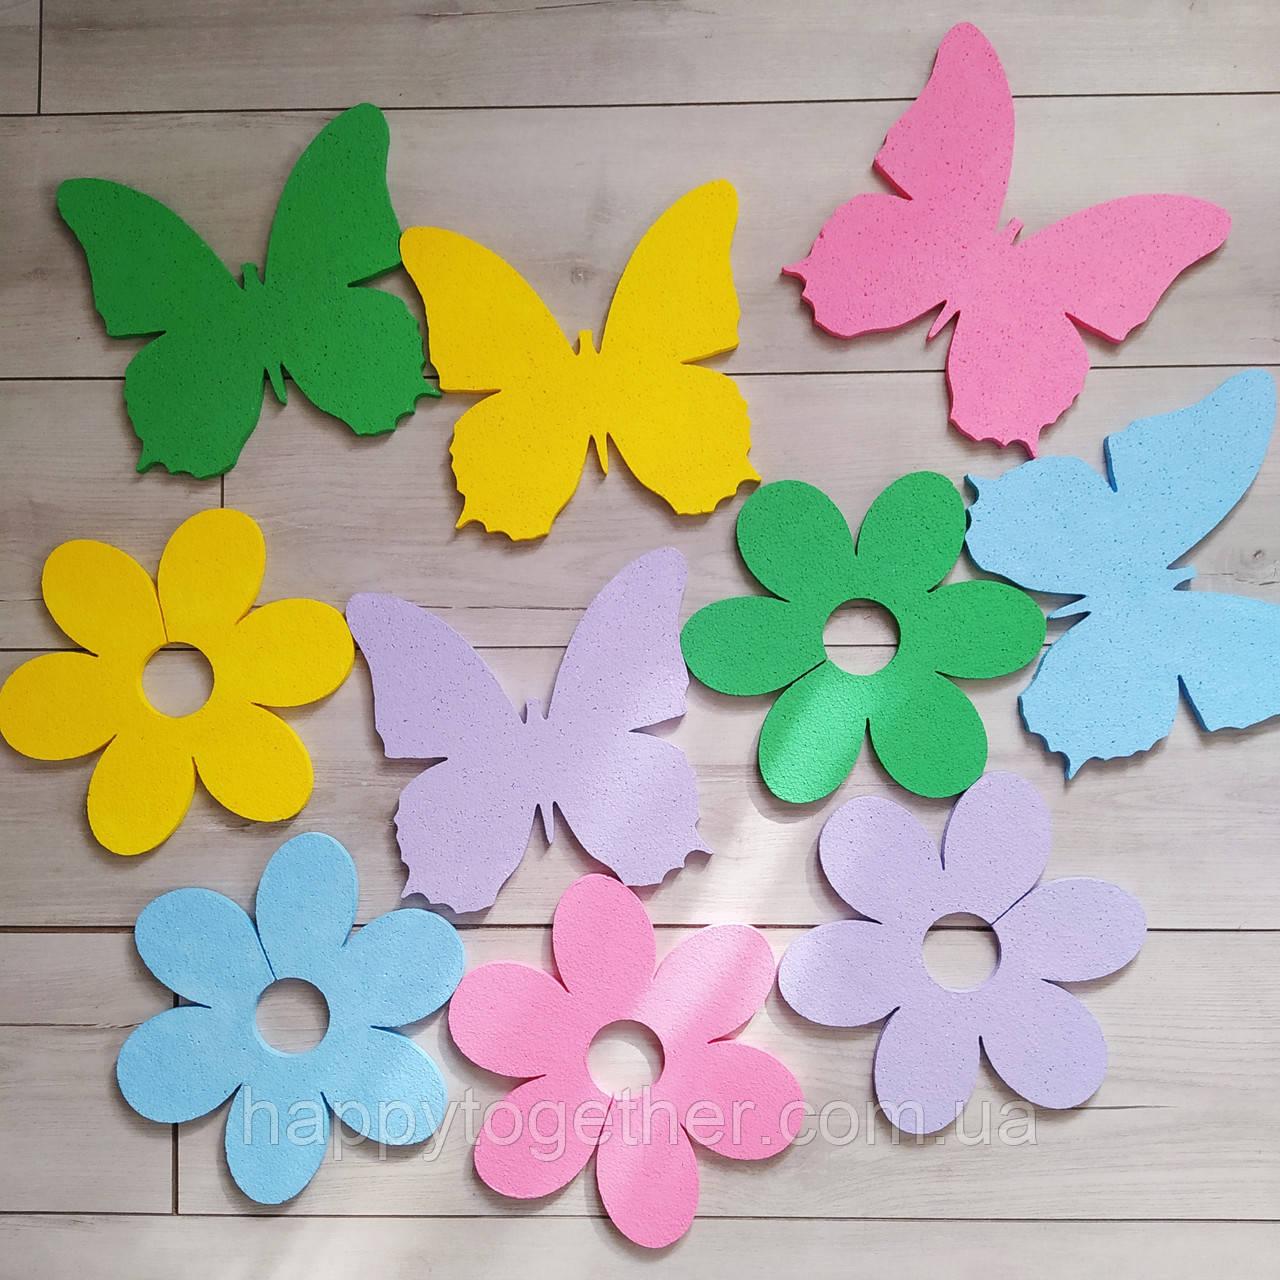 Квіти і метелики з пінопласту фарбовані 23 см